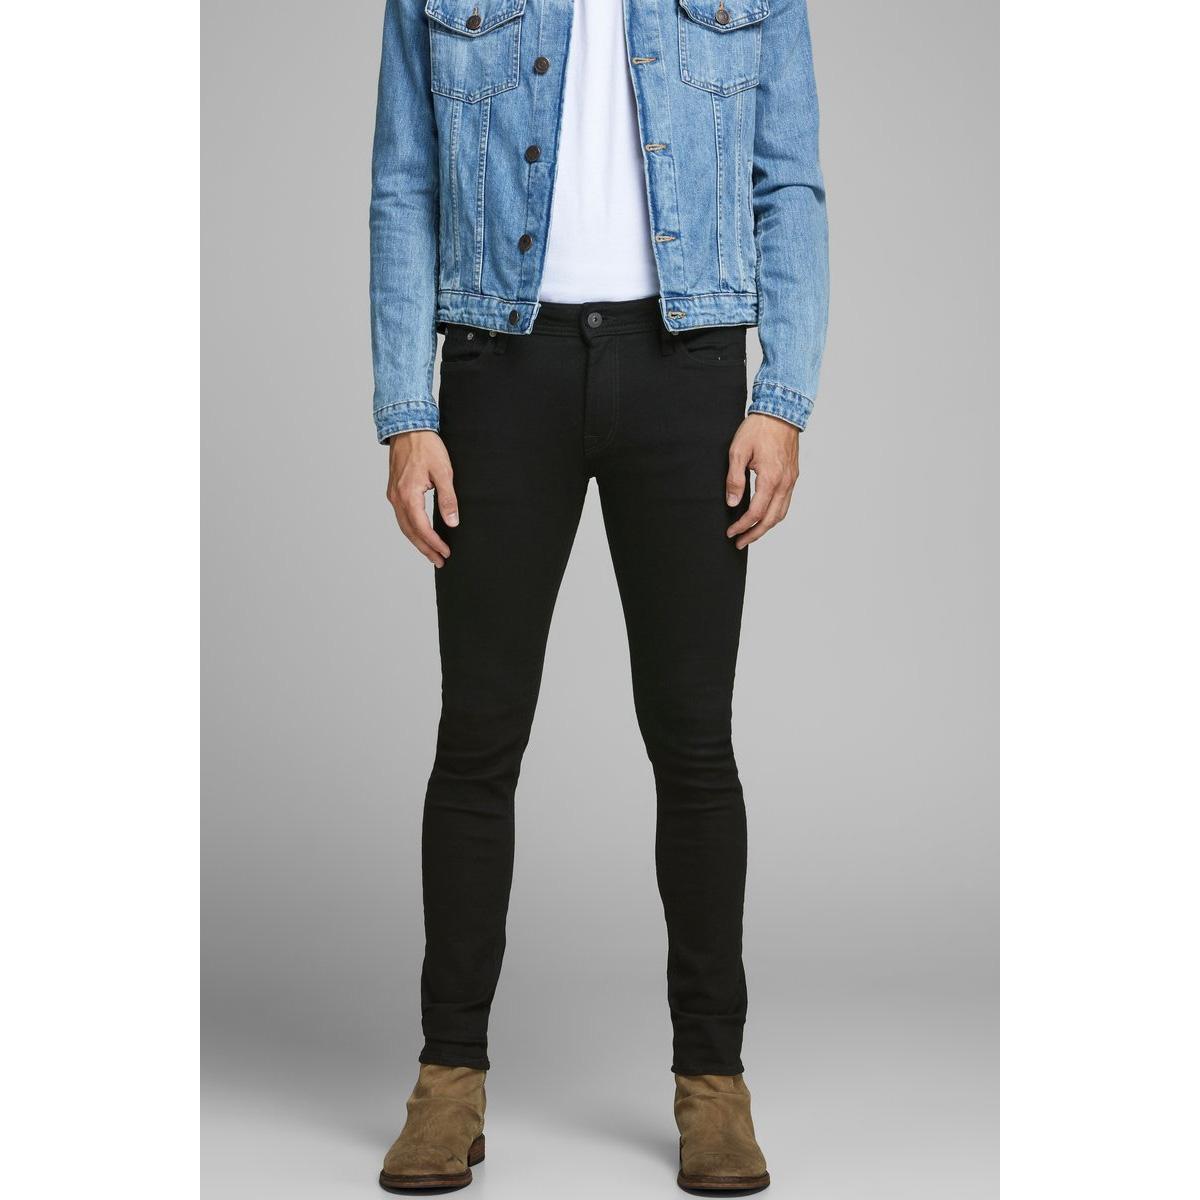 jjiliam jjoriginal am 009 50 sps no 12109952 jack & jones jeans black denim